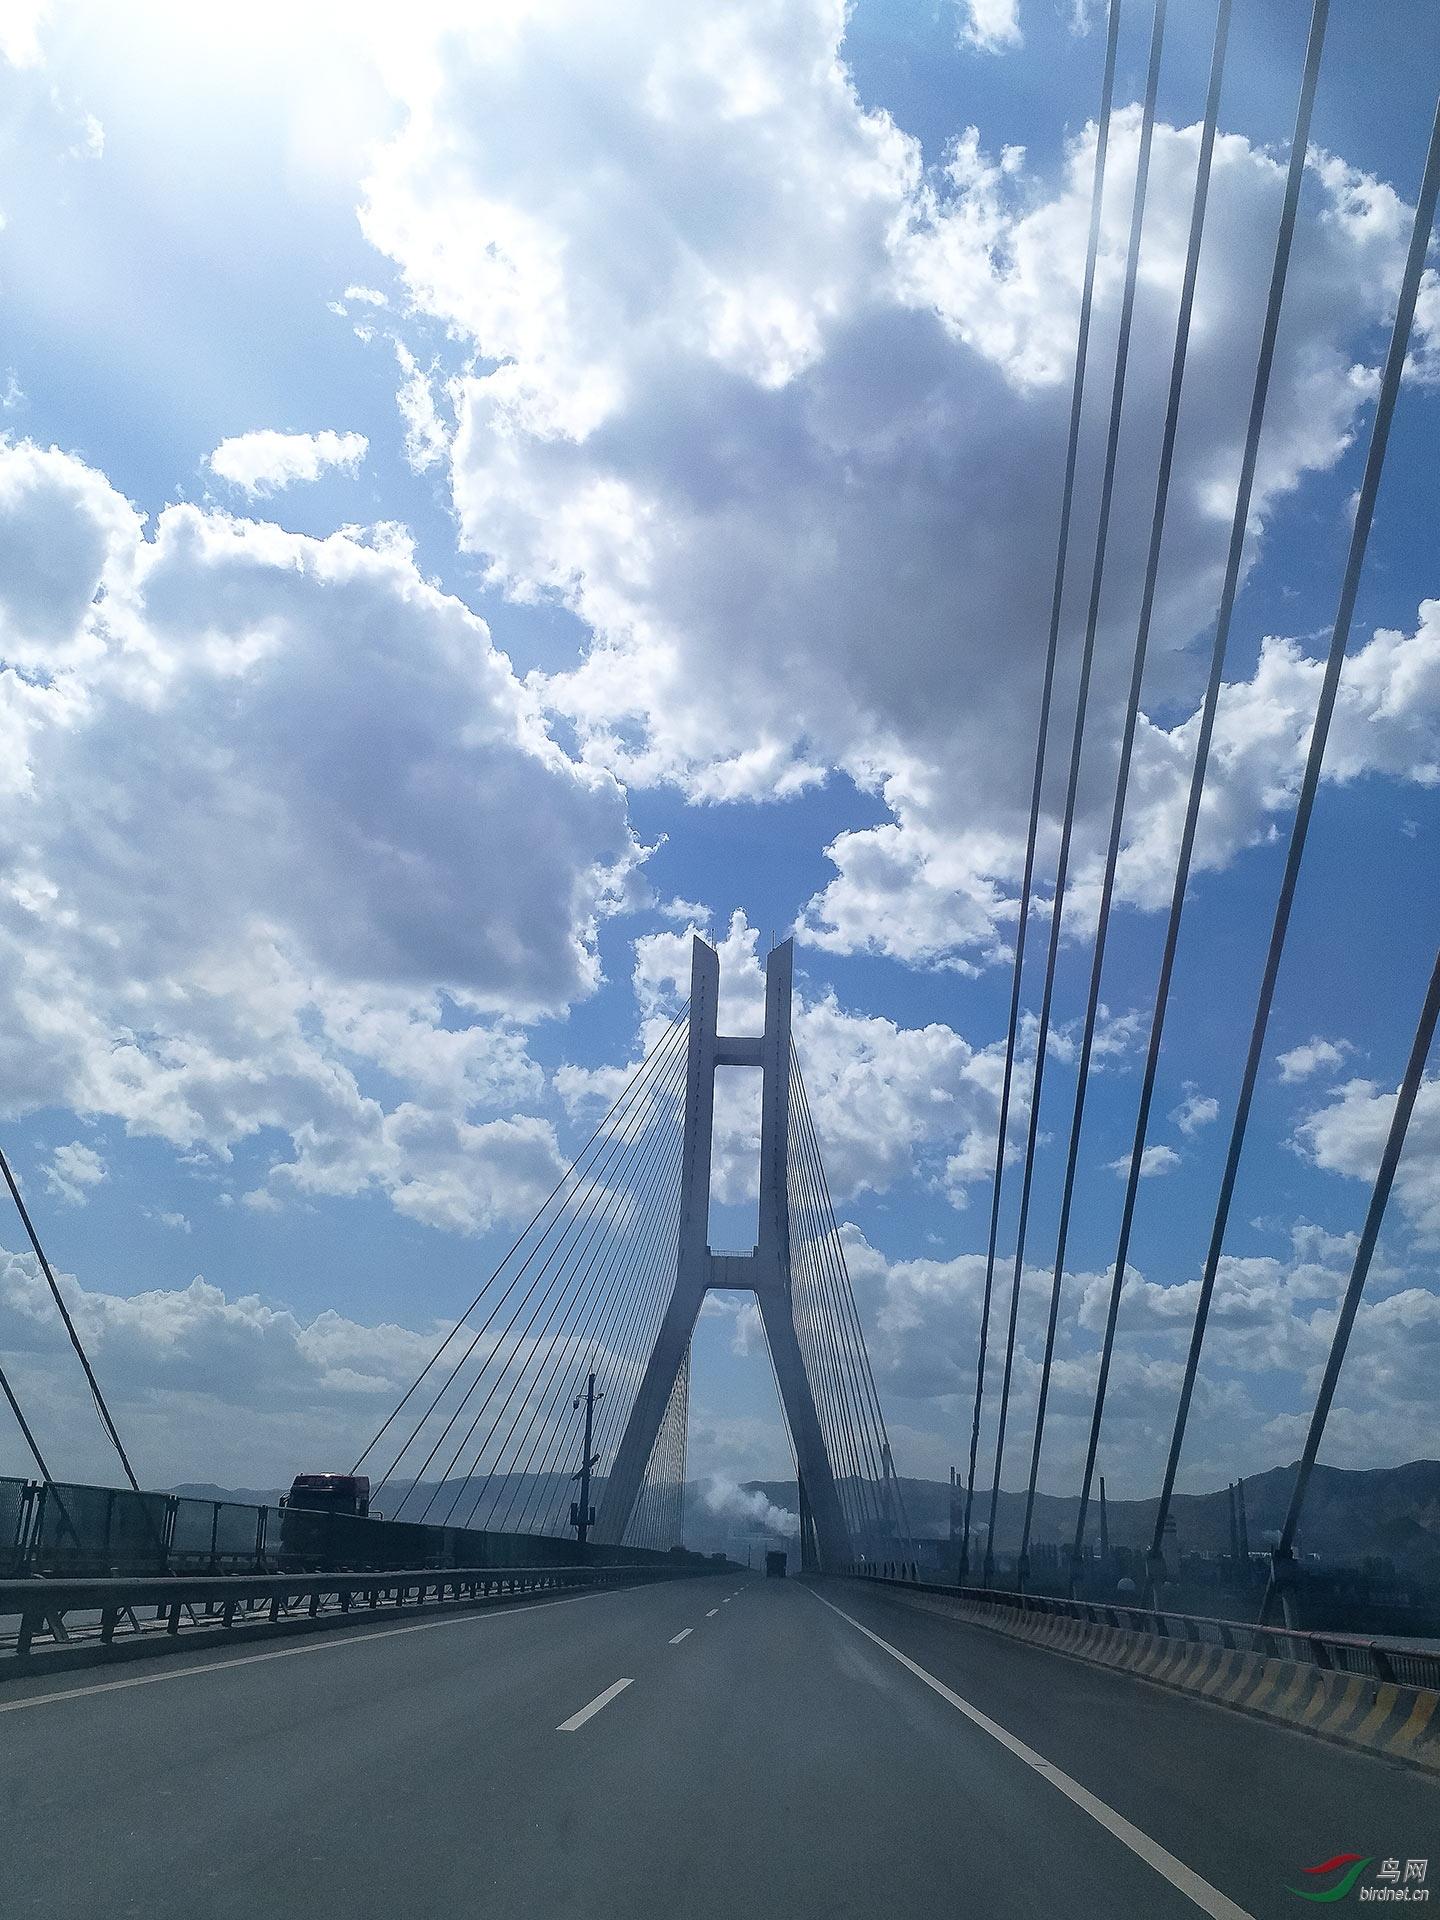 20190510_145832.--大桥--A--1.jpg